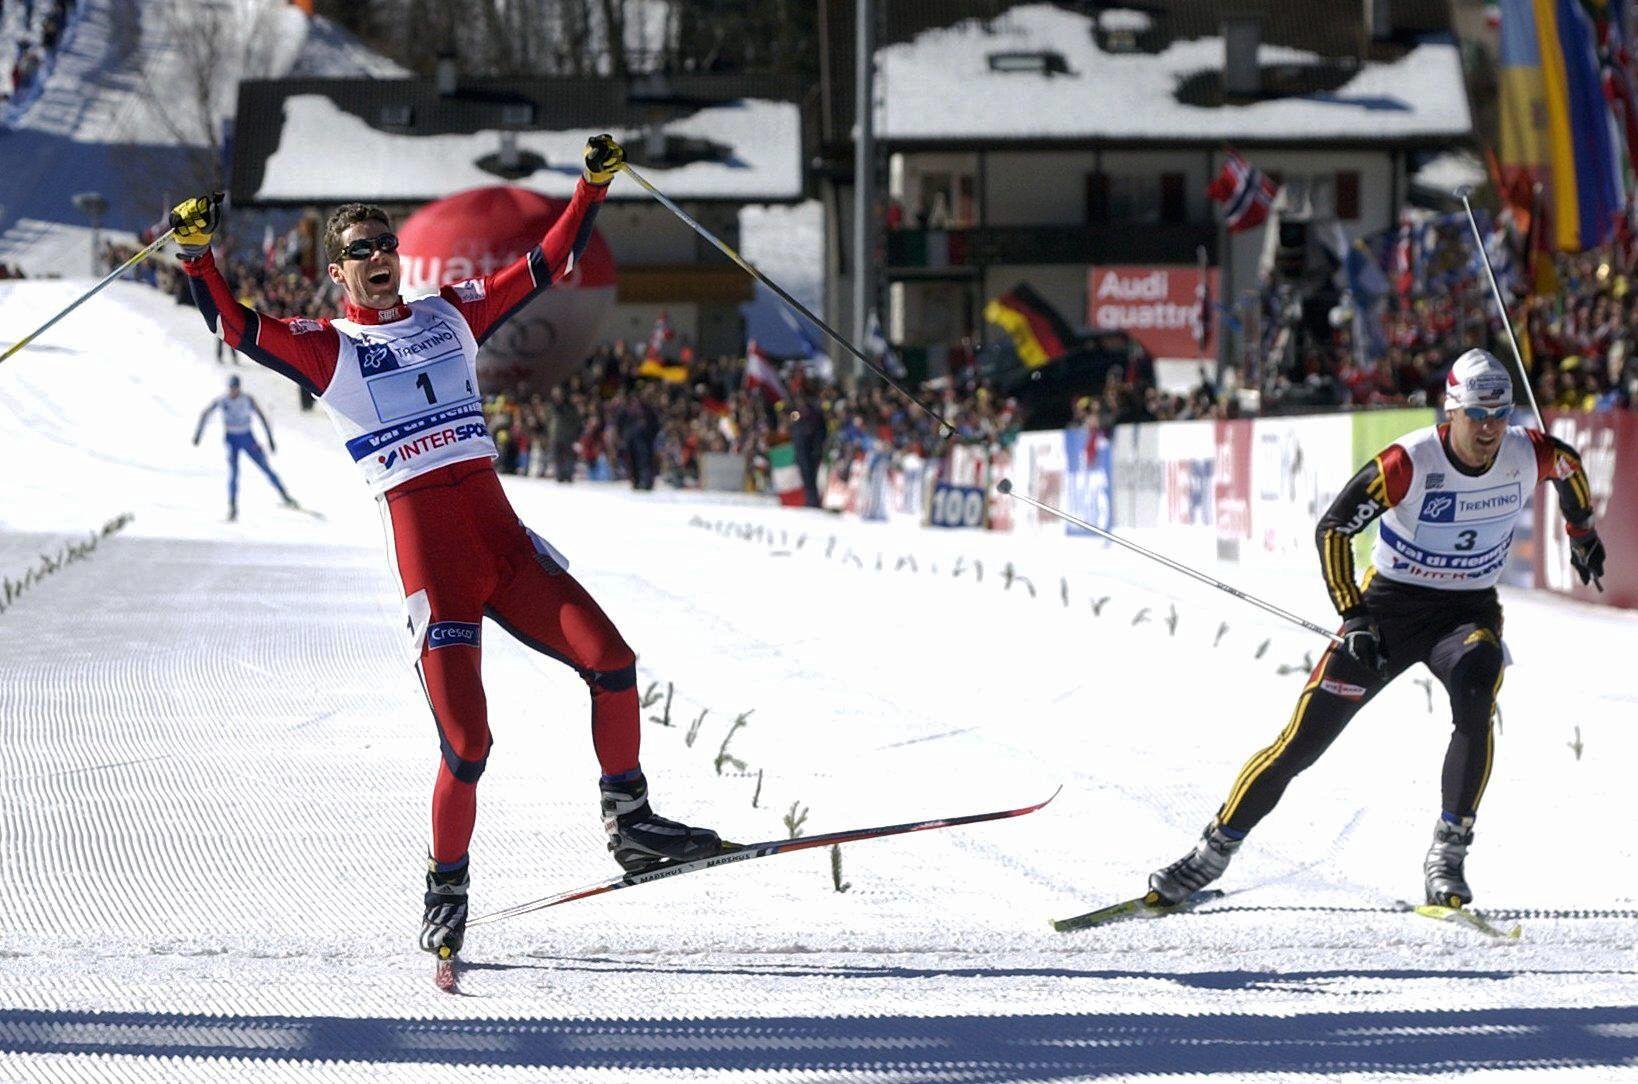 Thomas Alsgaard spurter inn til seier på stafetten i 2003. Det hadde han ikke fått muligheten til, hvis ikke Jørgen Brink (i bakgrunnen) hadde sprukket på siste etappe.